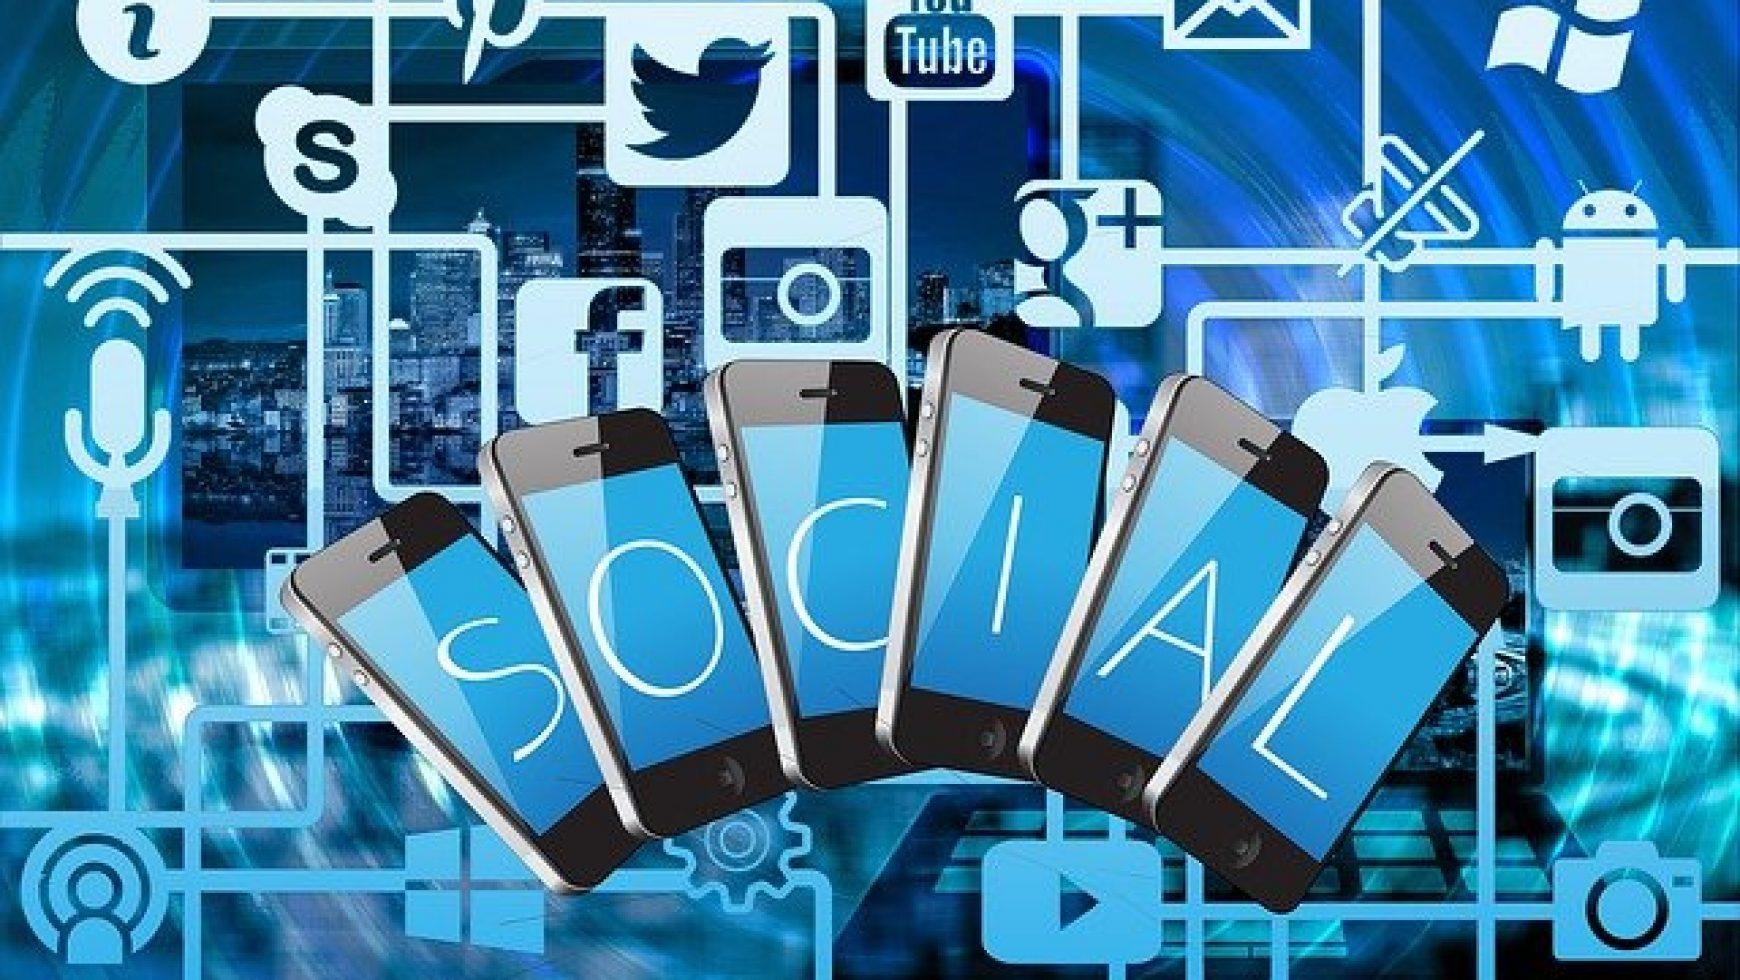 FRISCHE BRISE MIT SOCIAL MEDIA